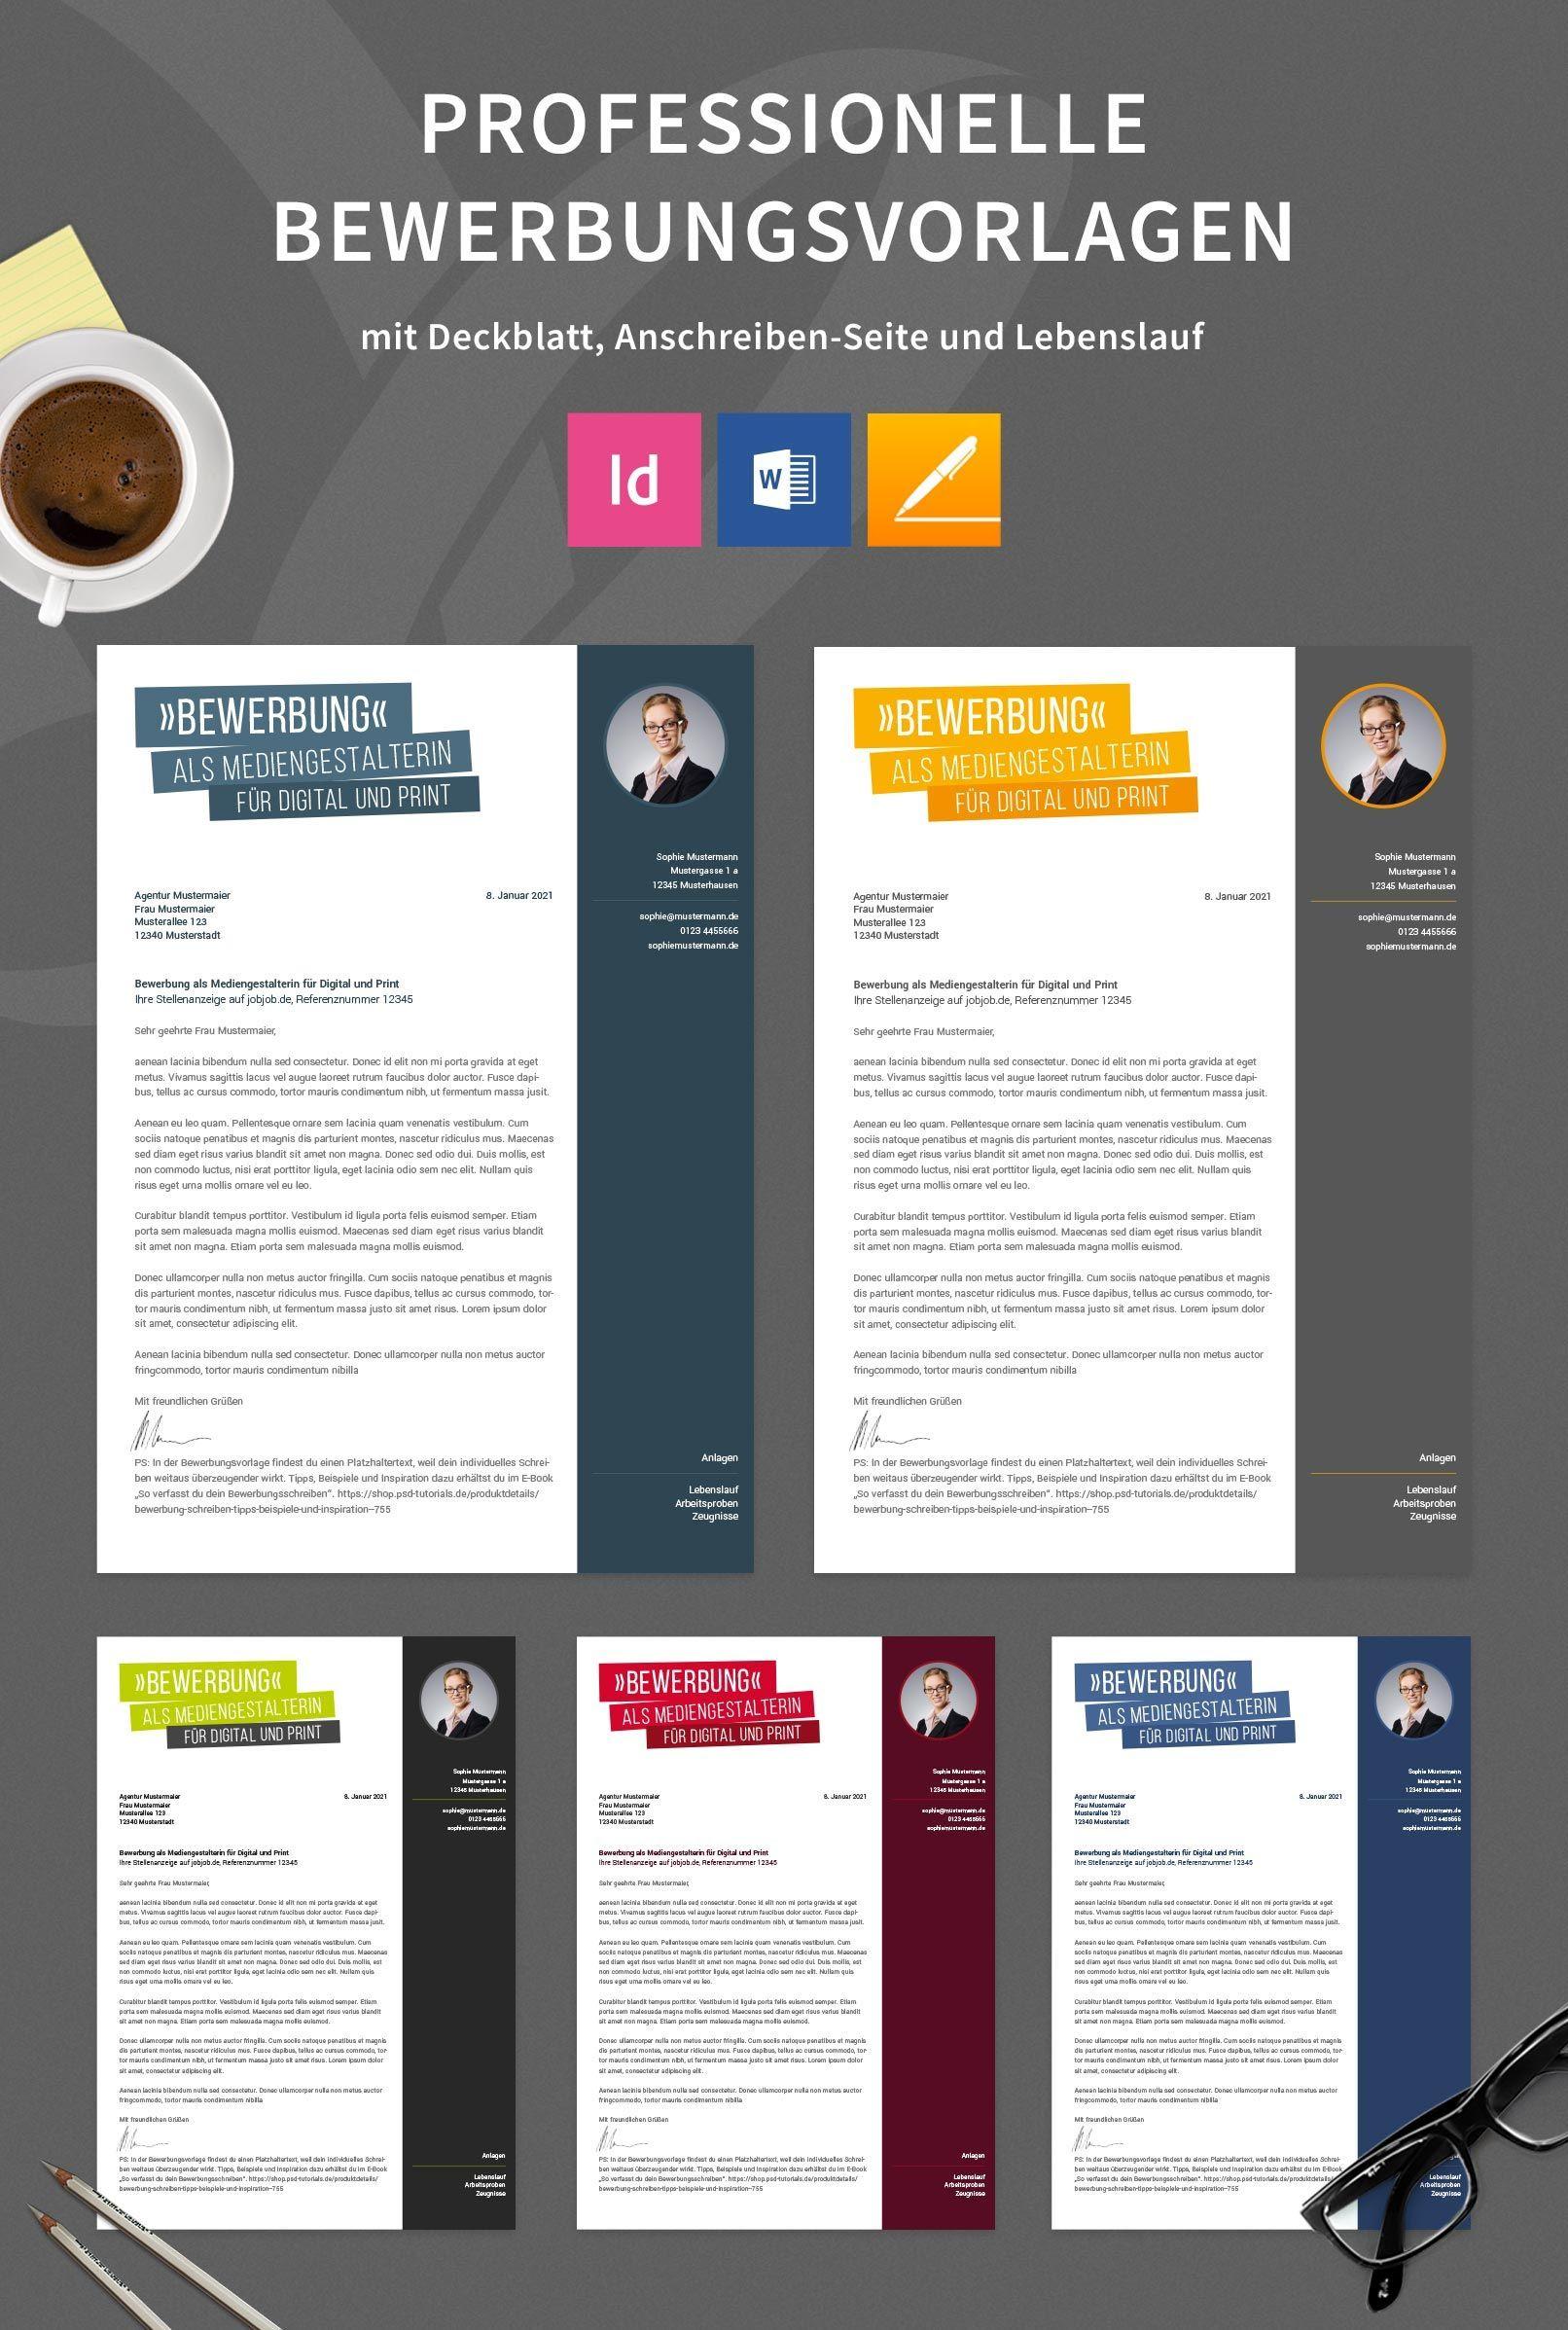 Bewerbung Spielmann Pages 1 2 Flip Pdf Download Fliphtml5 14